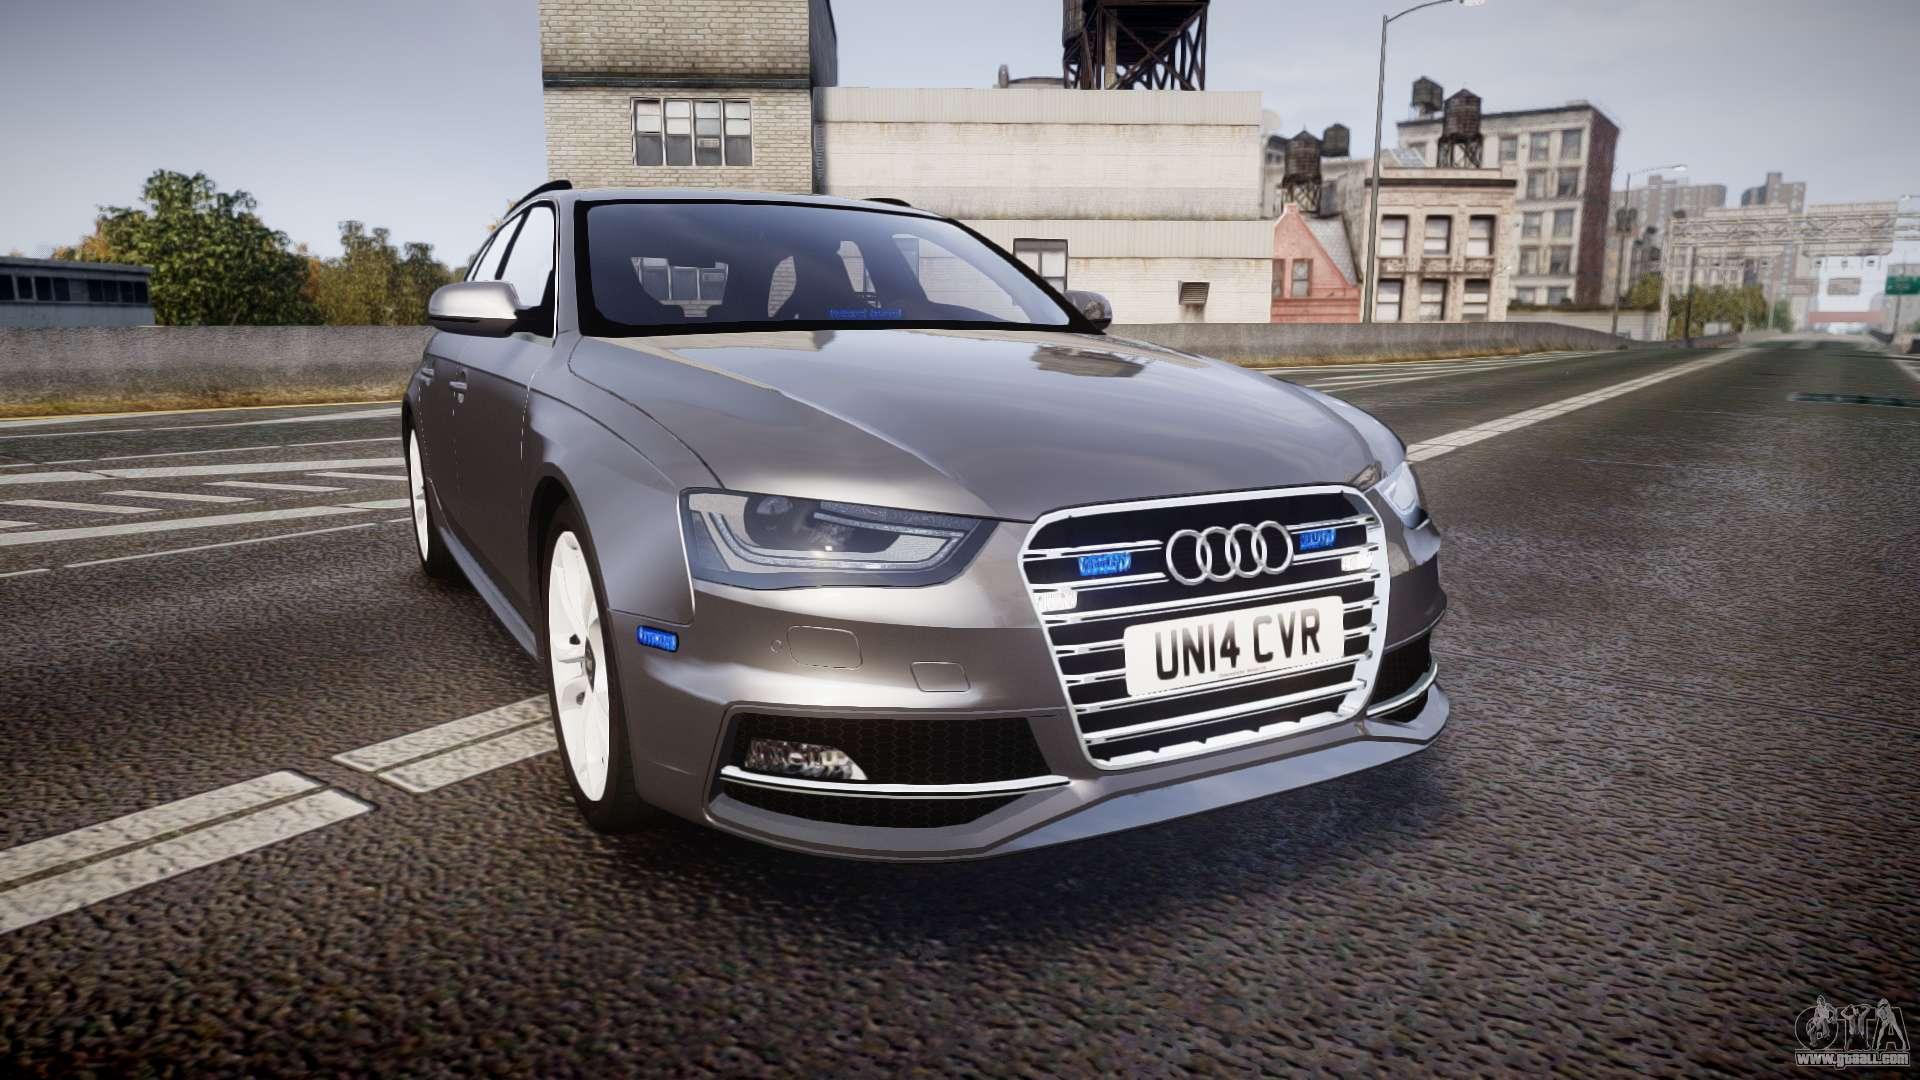 Unmarked police car gta 5 - Audi S4 Avant Unmarked Police Els For Gta 4 Cars